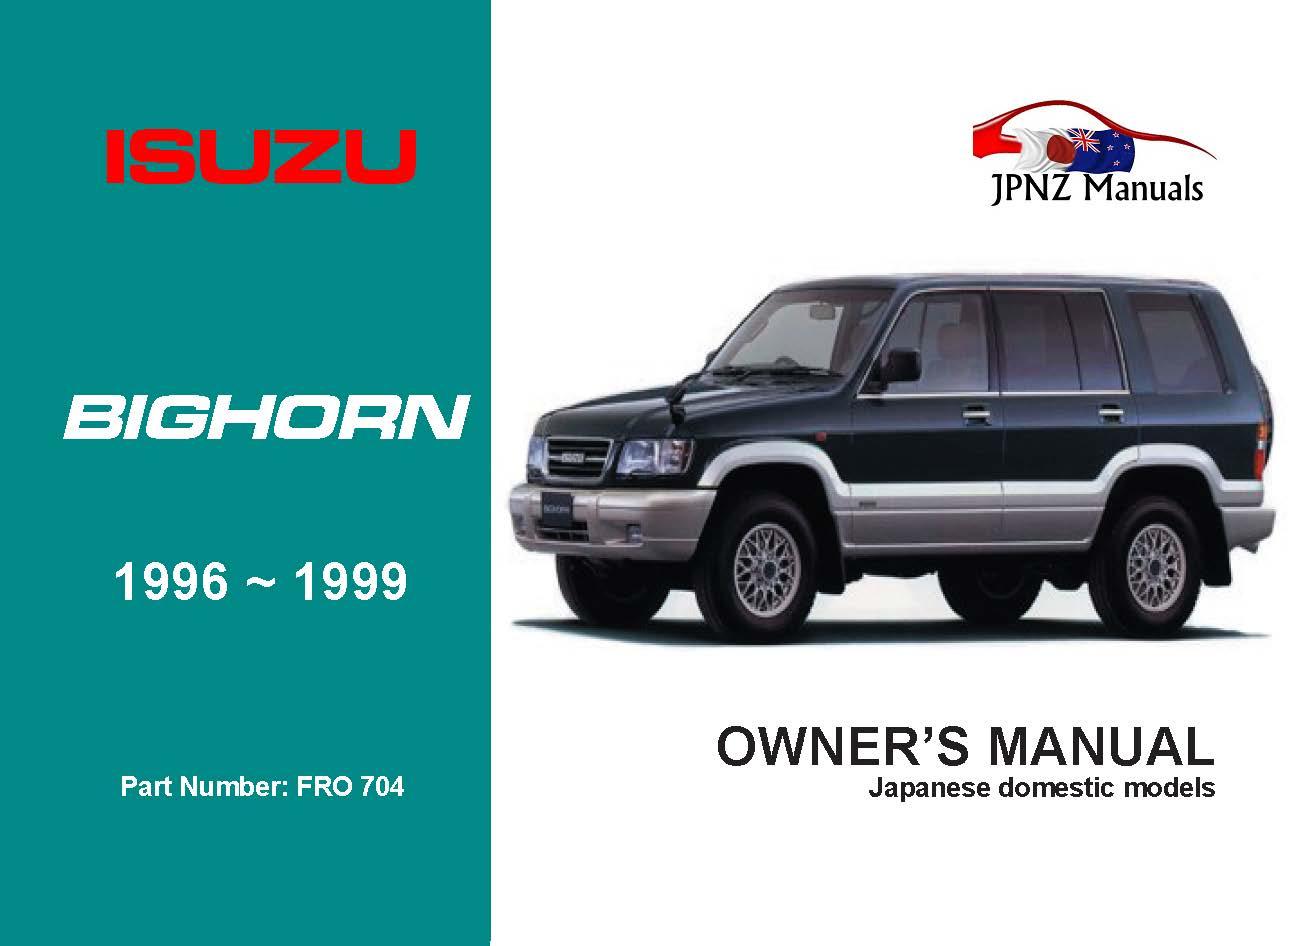 Isuzu - Bighorn Owners User Manual In English | 1996 - 1999